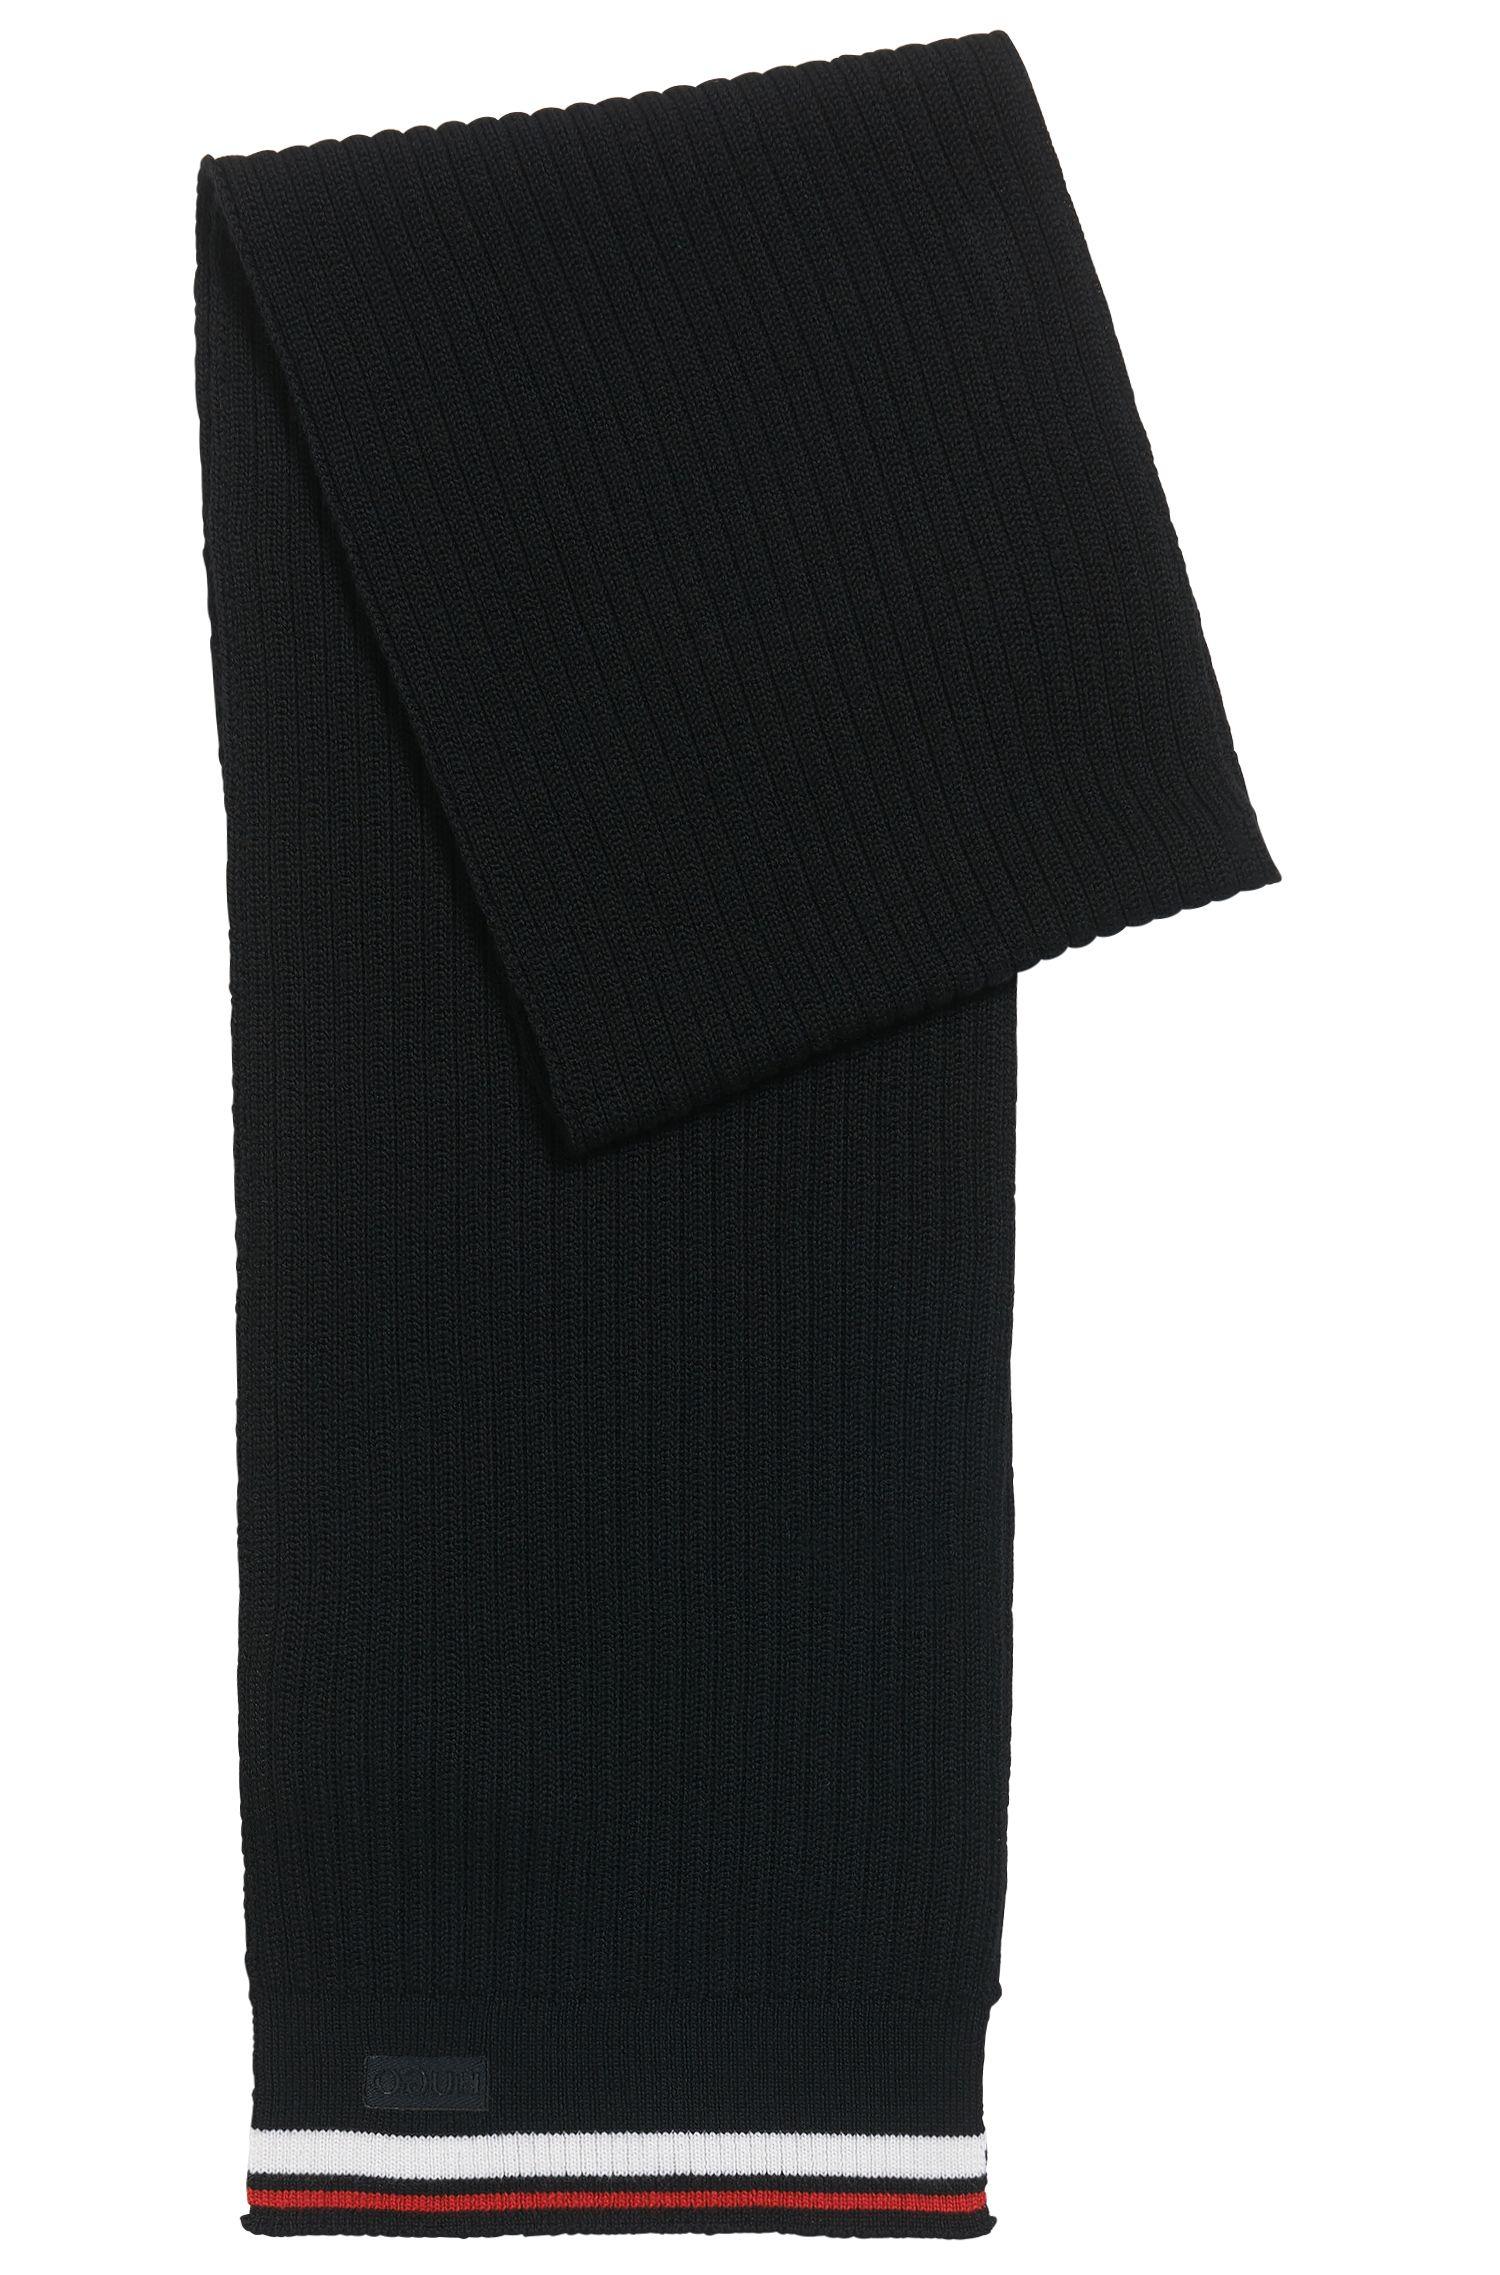 Gerippter Schal aus Merinowolle mit Streifen-Dessin